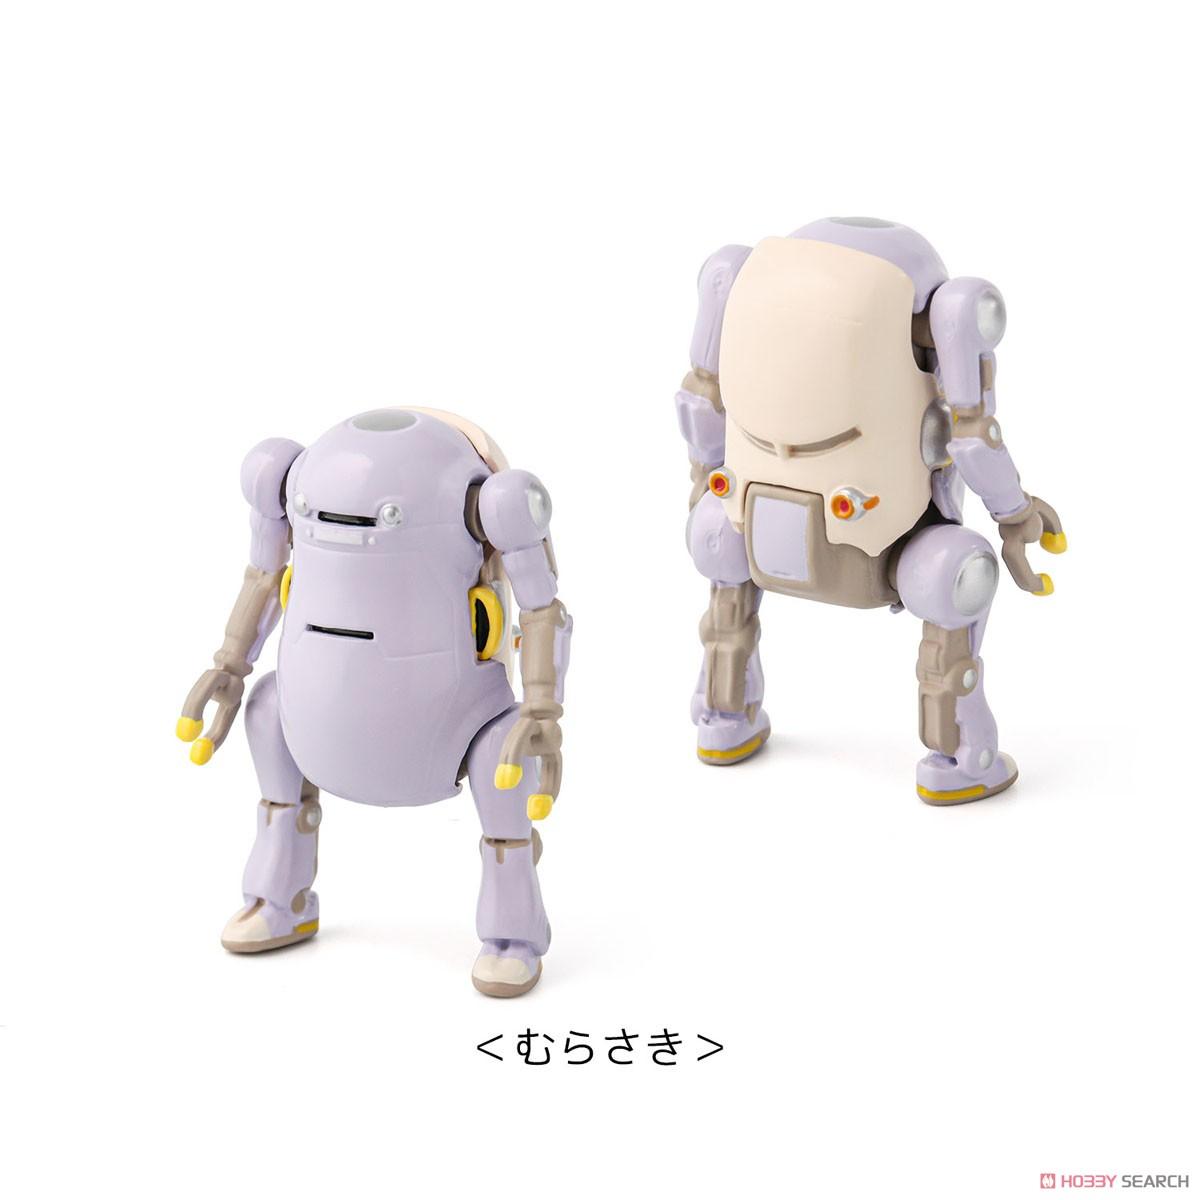 メカトロウィーゴ『タイニー メカトロウィーゴ3』6個入りBOX-008